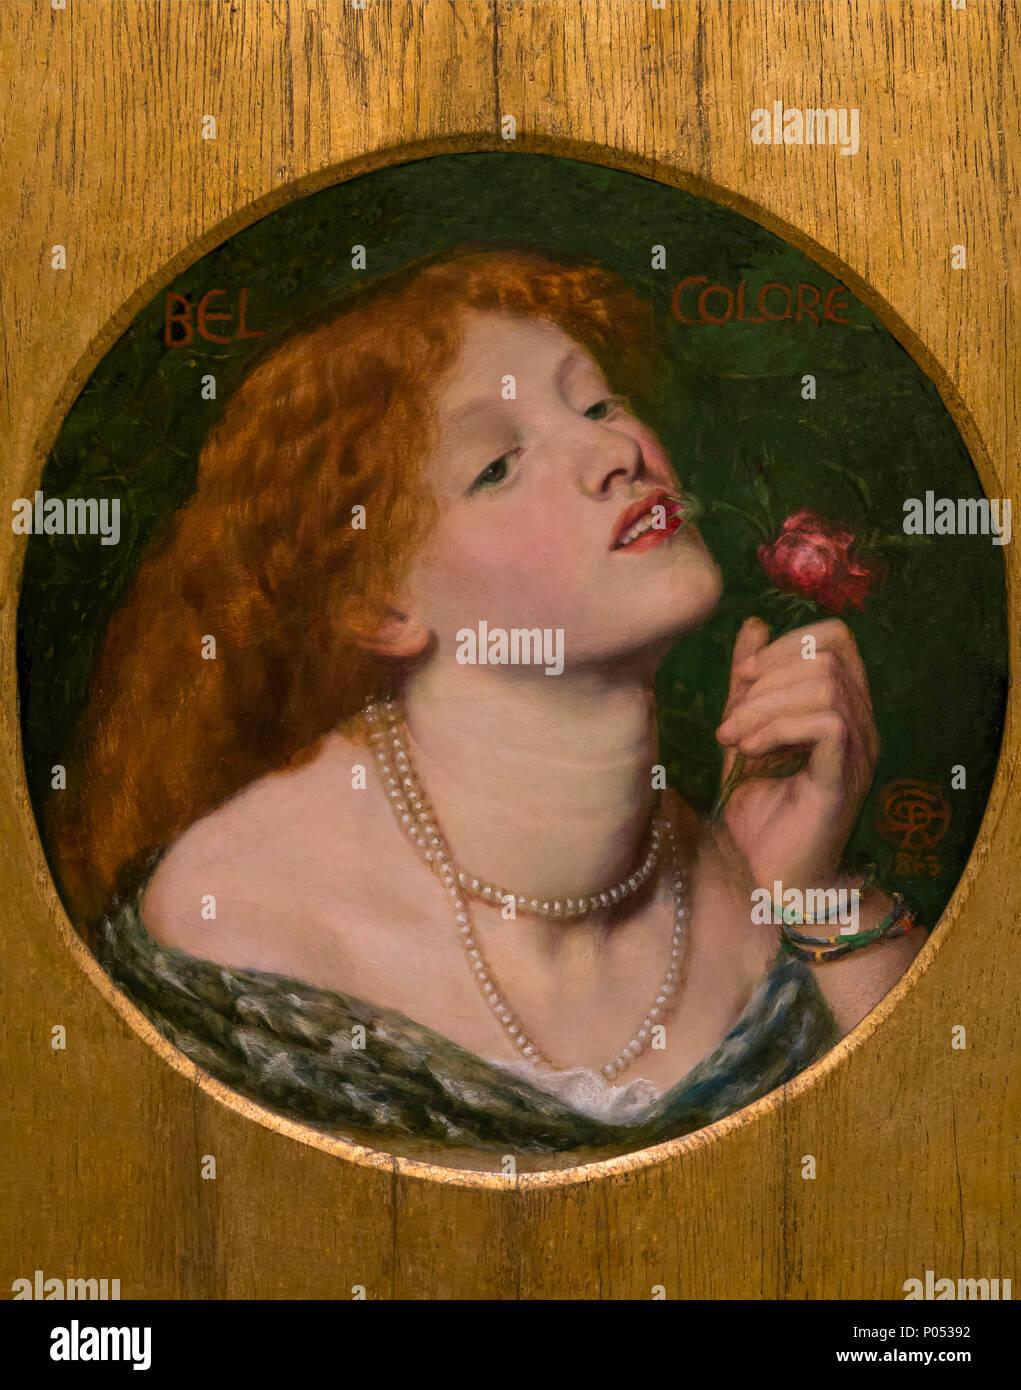 Belcolore, Dante Gabriel Rossetti, 1863, il Museo delle Belle Arti di Boston, Massa, Stati Uniti d'America, America del Nord Foto Stock